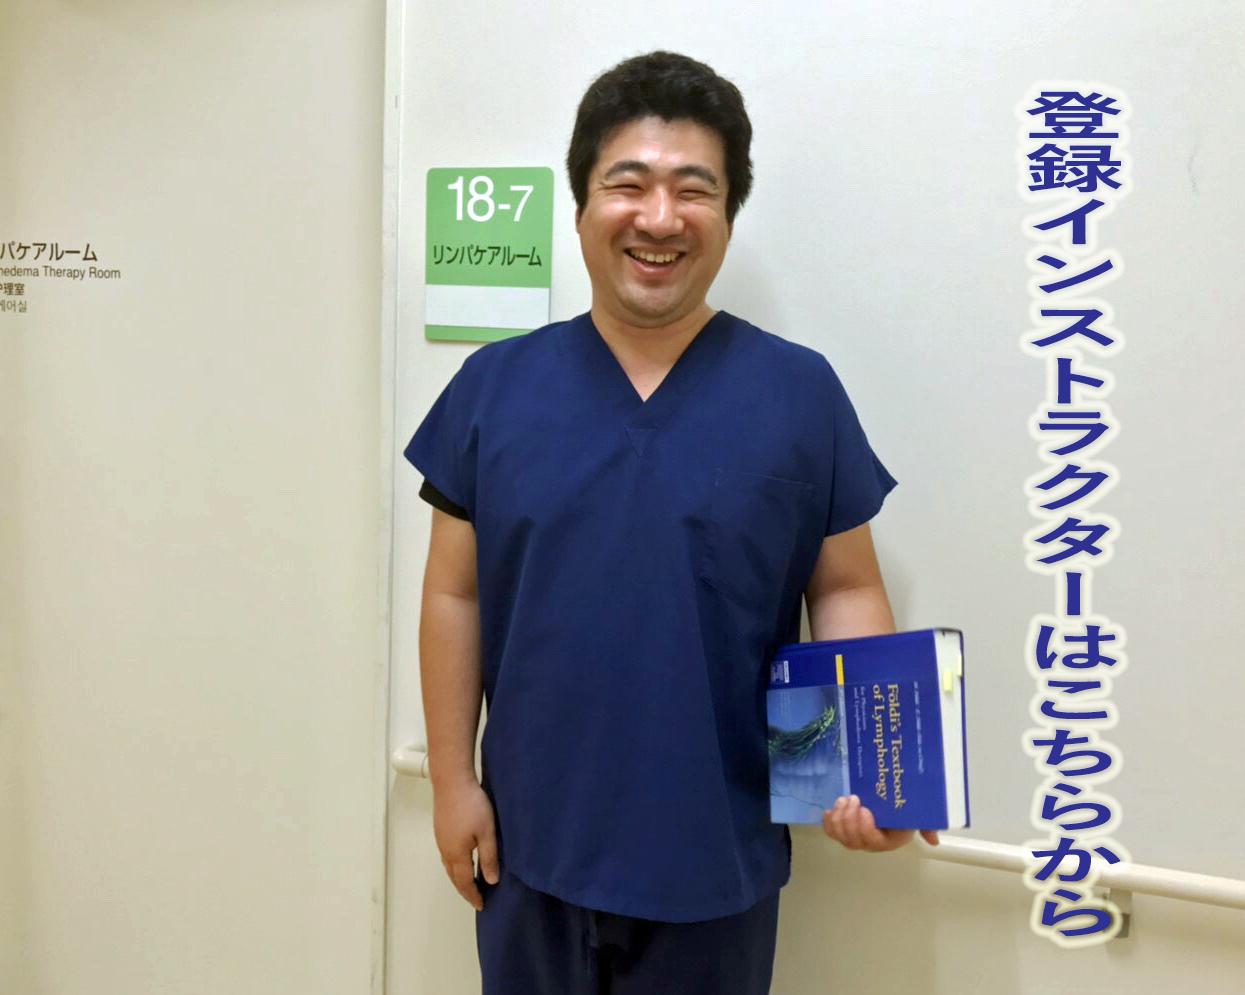 【2020年度登録インストラクター用】BCYオンライン講座 【田端聡先生「リンパ浮腫の基礎講座」】